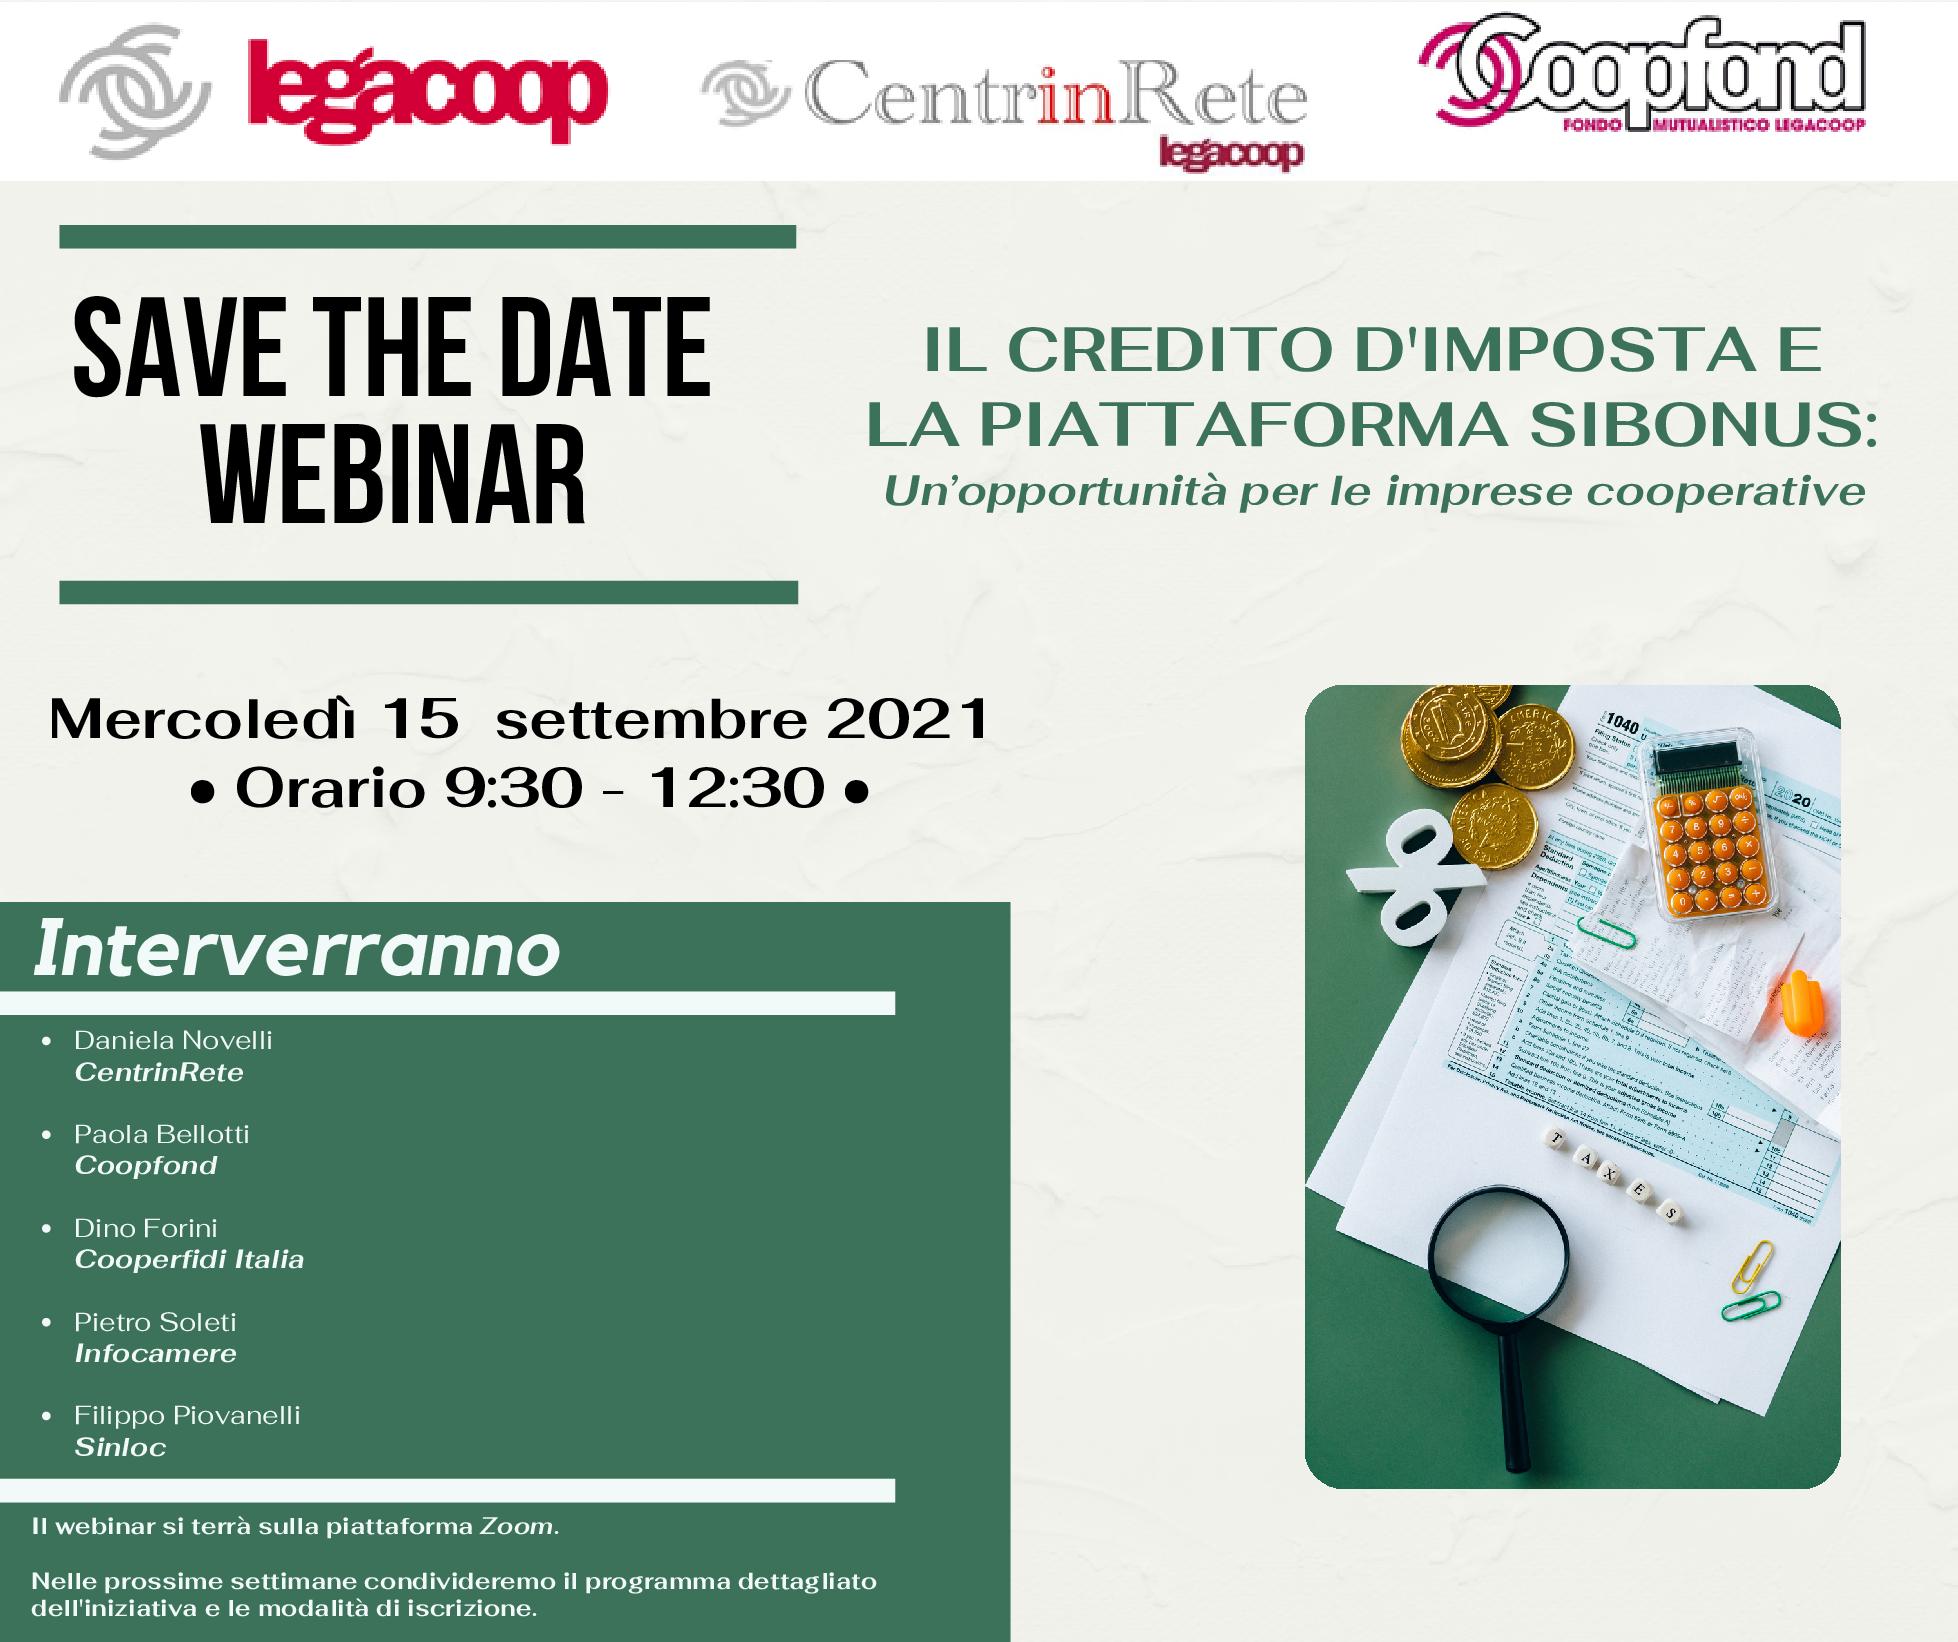 Save the date 15 settembre: Webinar Credito d'imposta